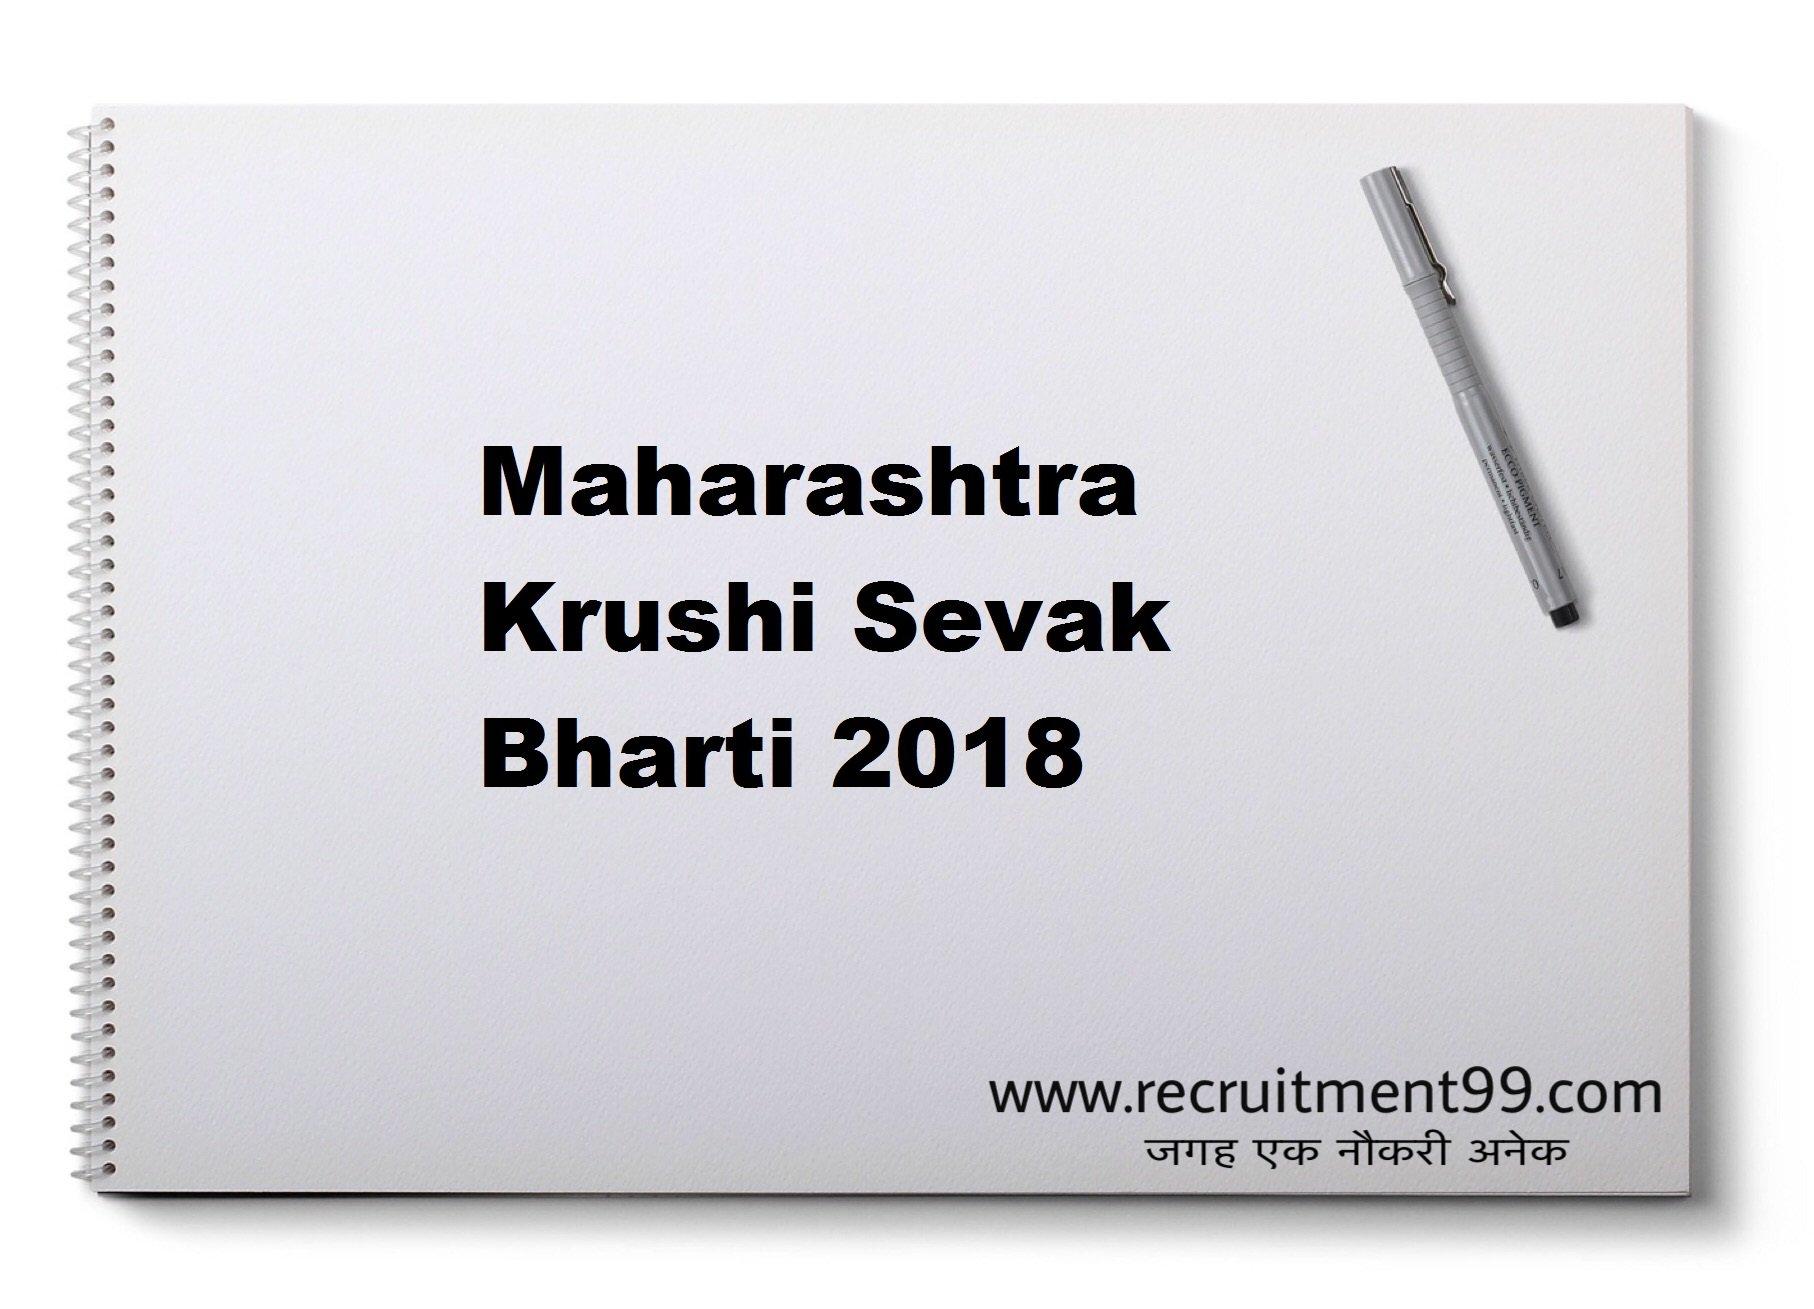 Maharashtra Krushi Sevak Bharti Admit Card Result 2018